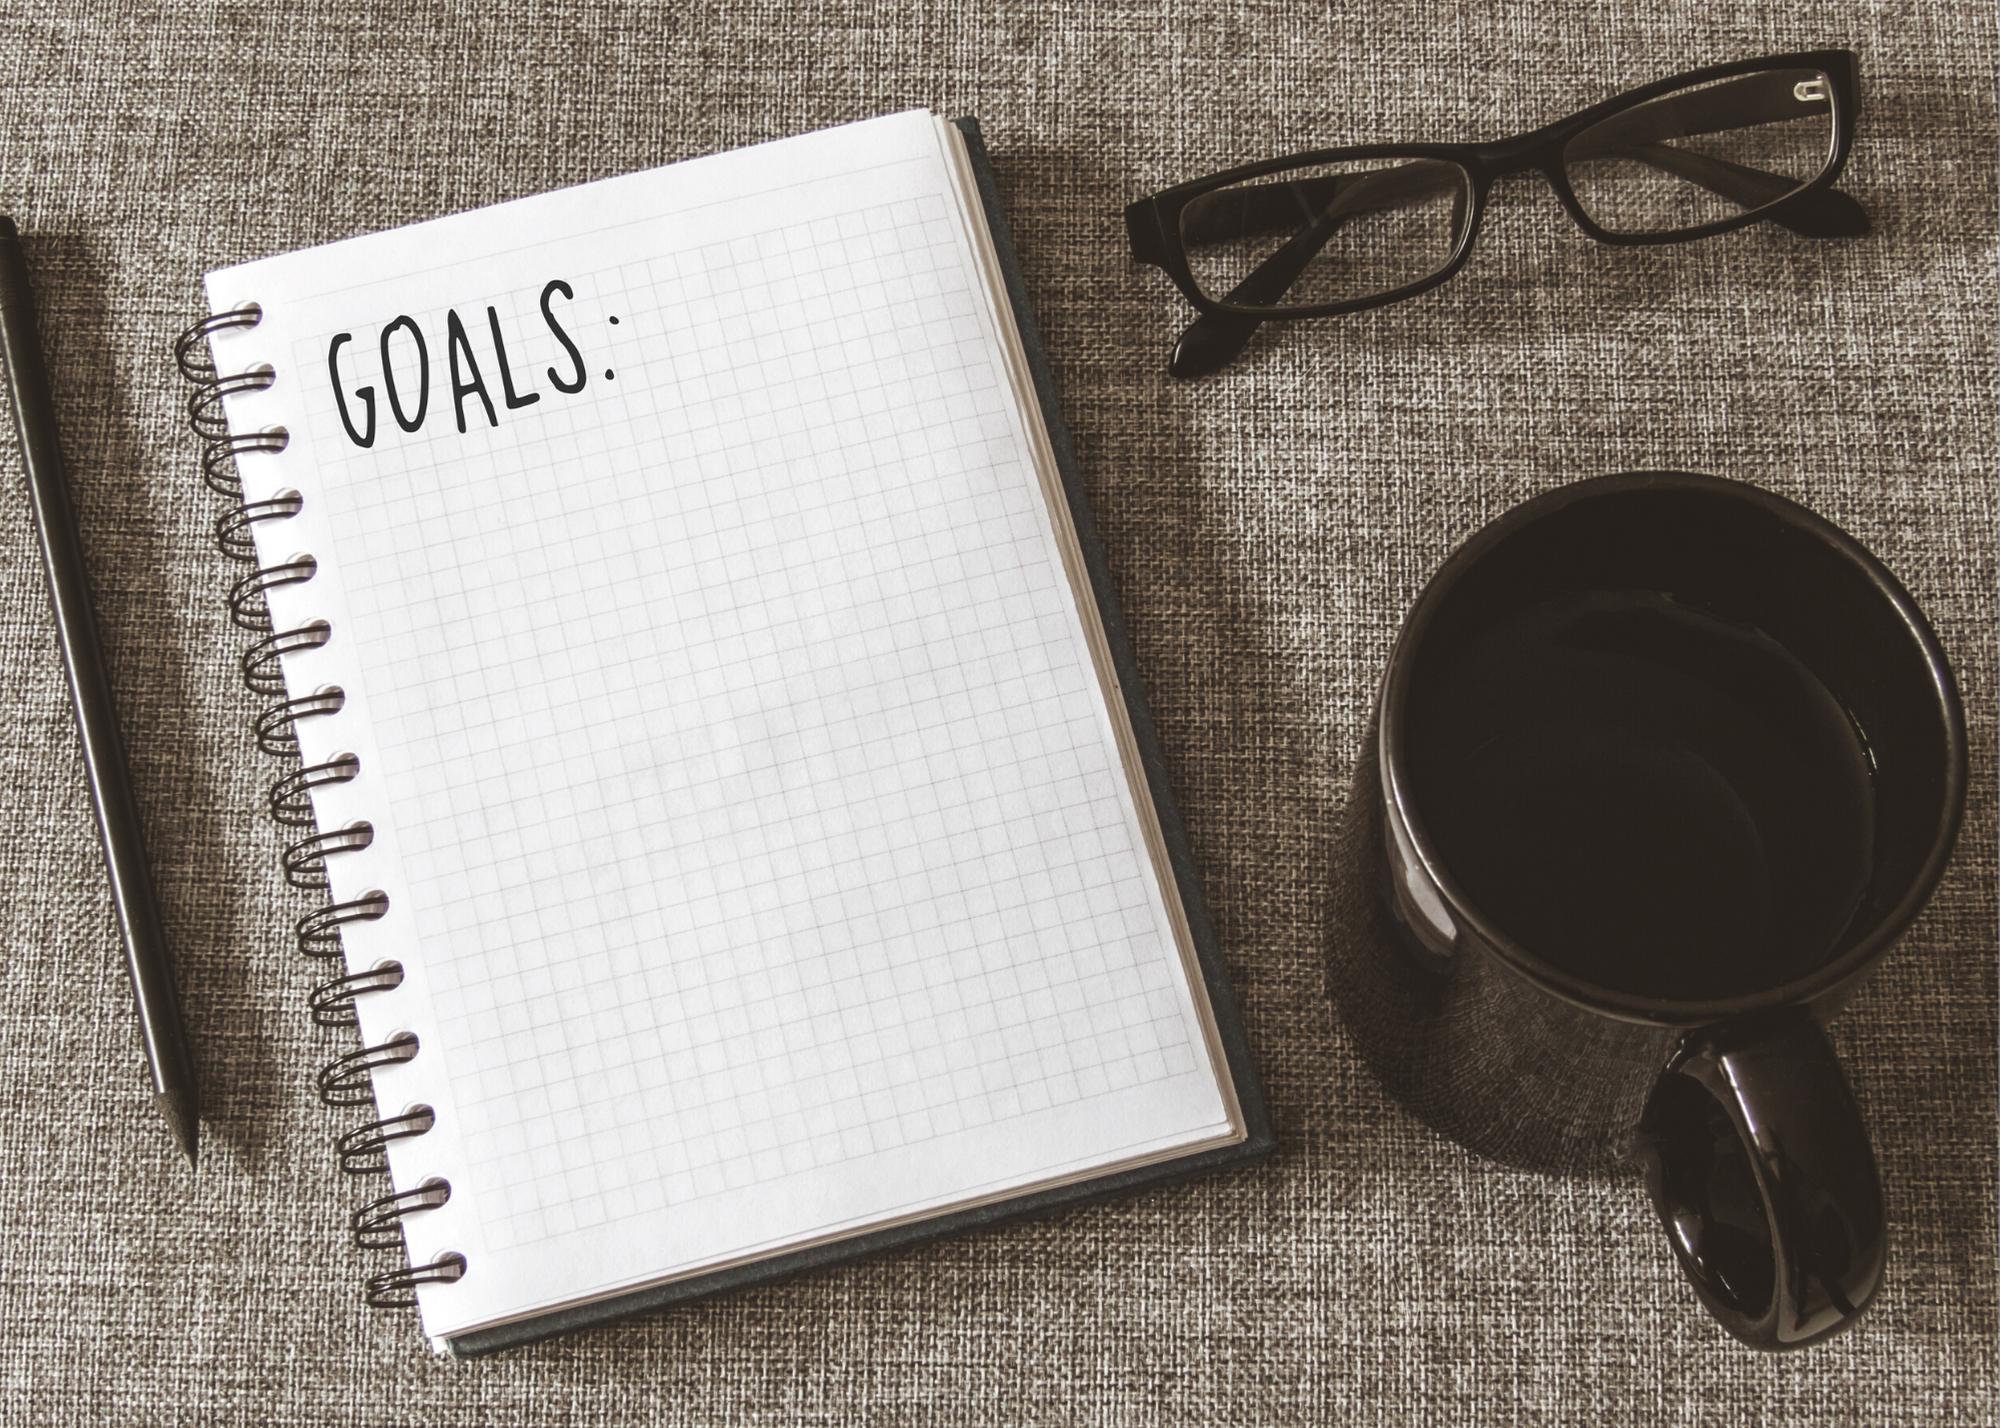 goals - notepad